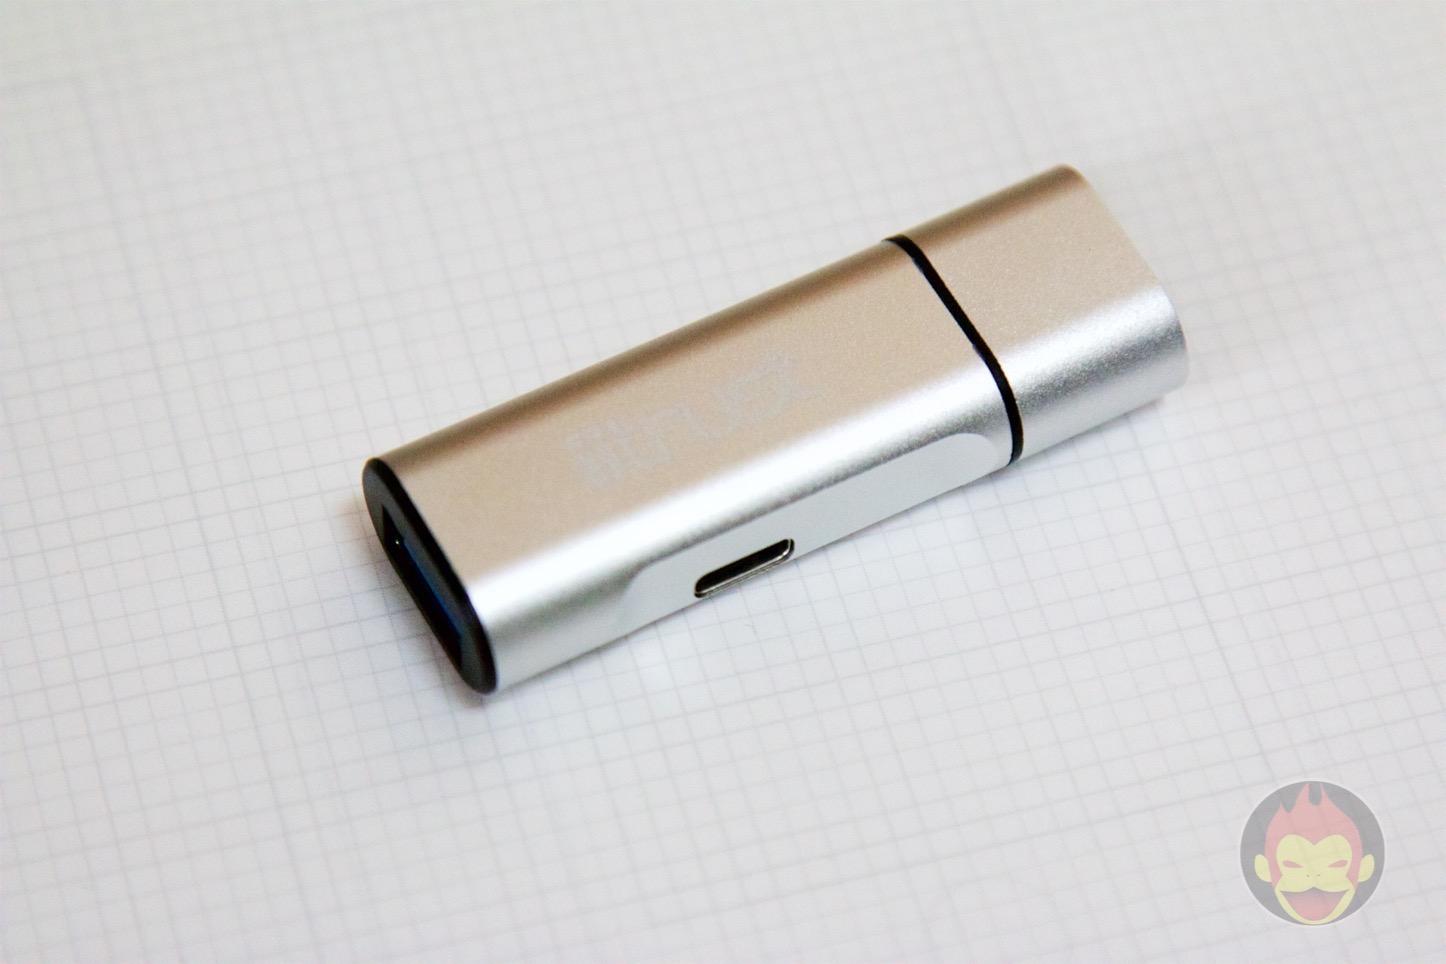 Iitrust MacBook USB Adapter